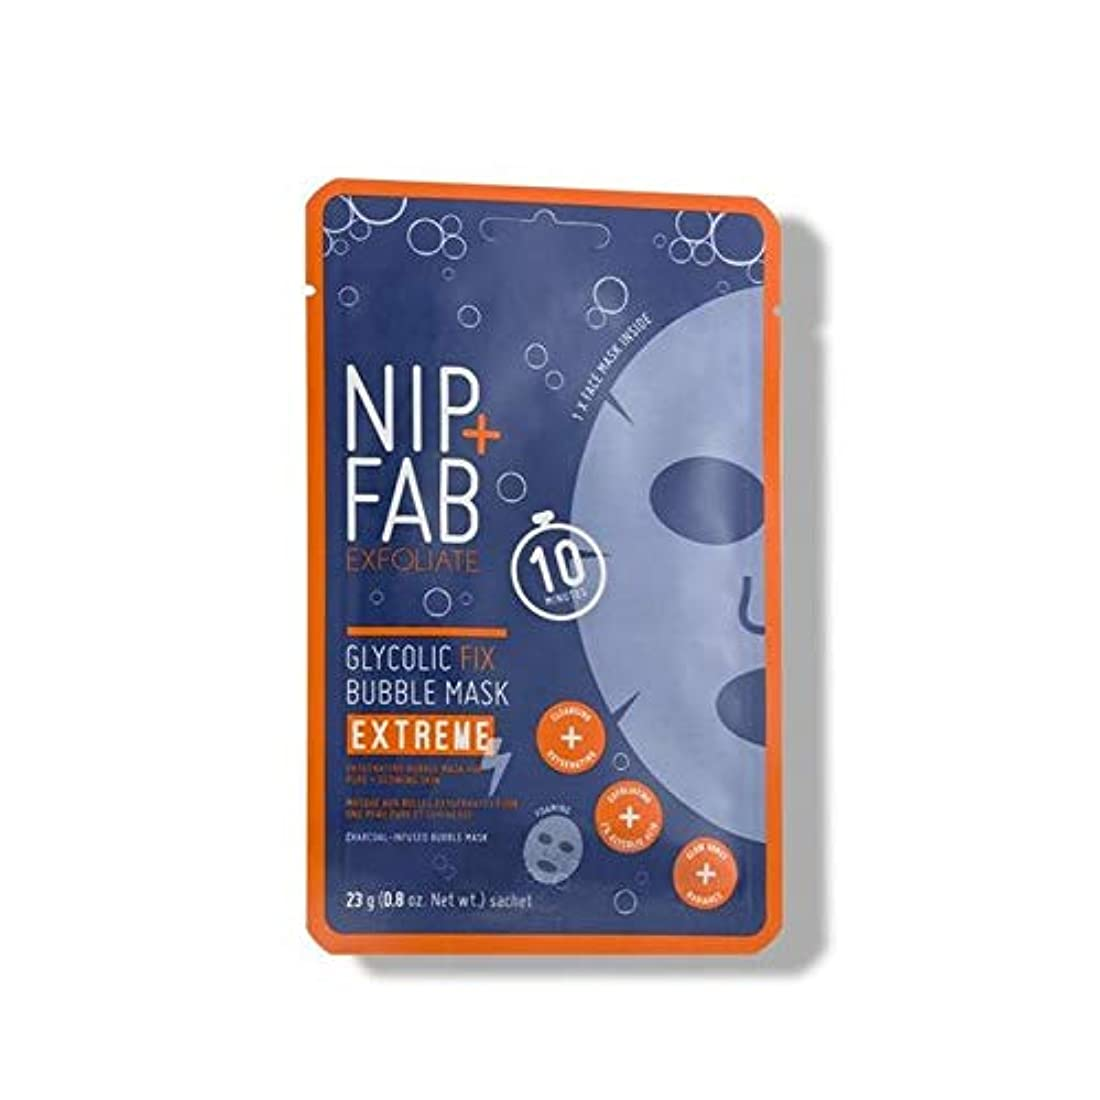 底バレエクリーナー[Nip & Fab] + Fabグリコール修正極端なバブルフェイスマスクニップ - Nip+Fab Glycolic Fix Extreme Bubble Face Mask [並行輸入品]